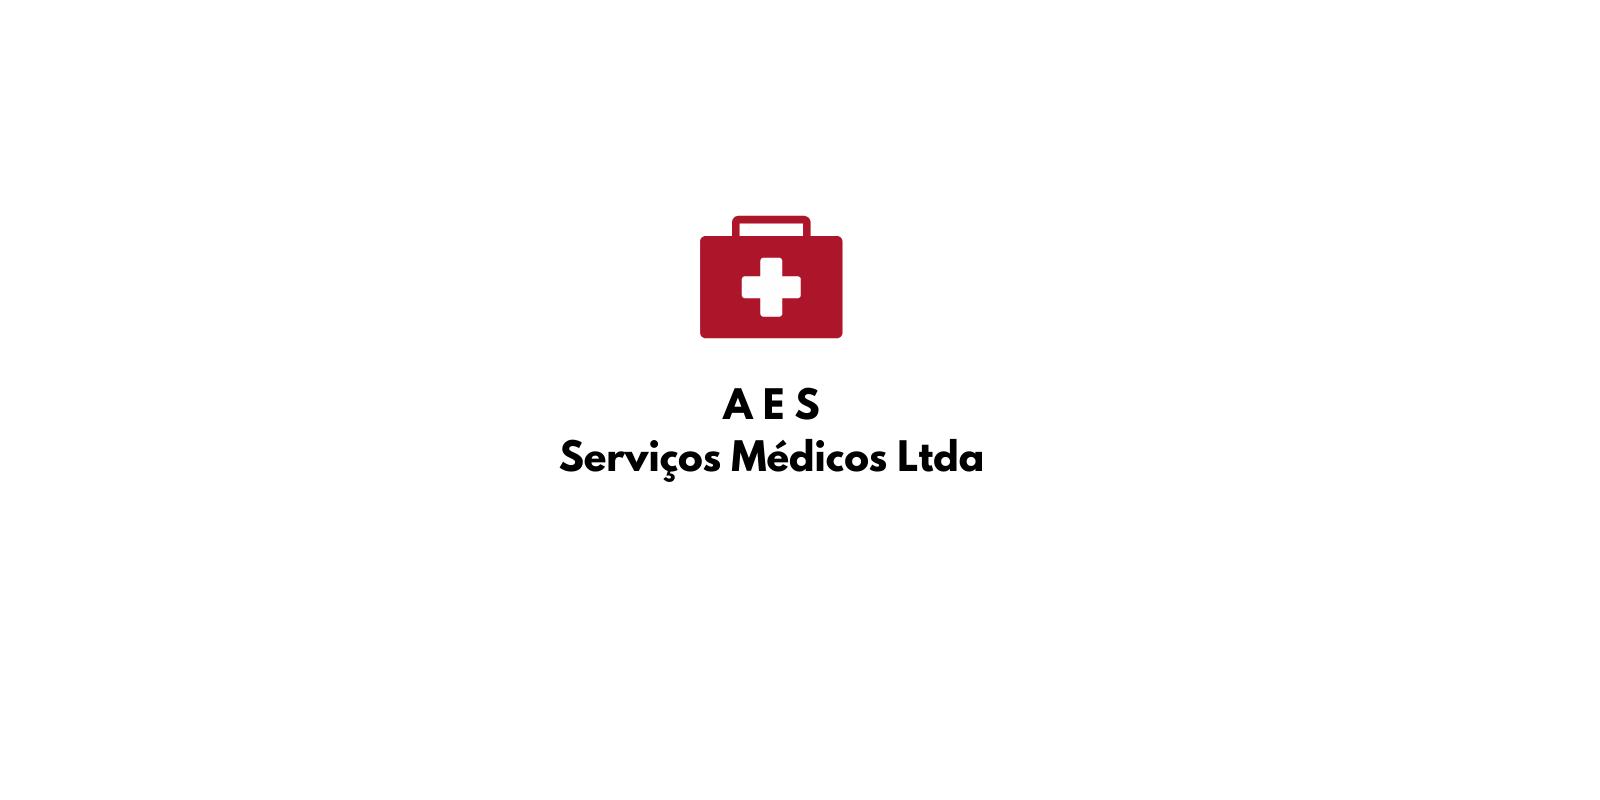 Foto de A E S SERVIÇOS MEDICOS LTDA ME